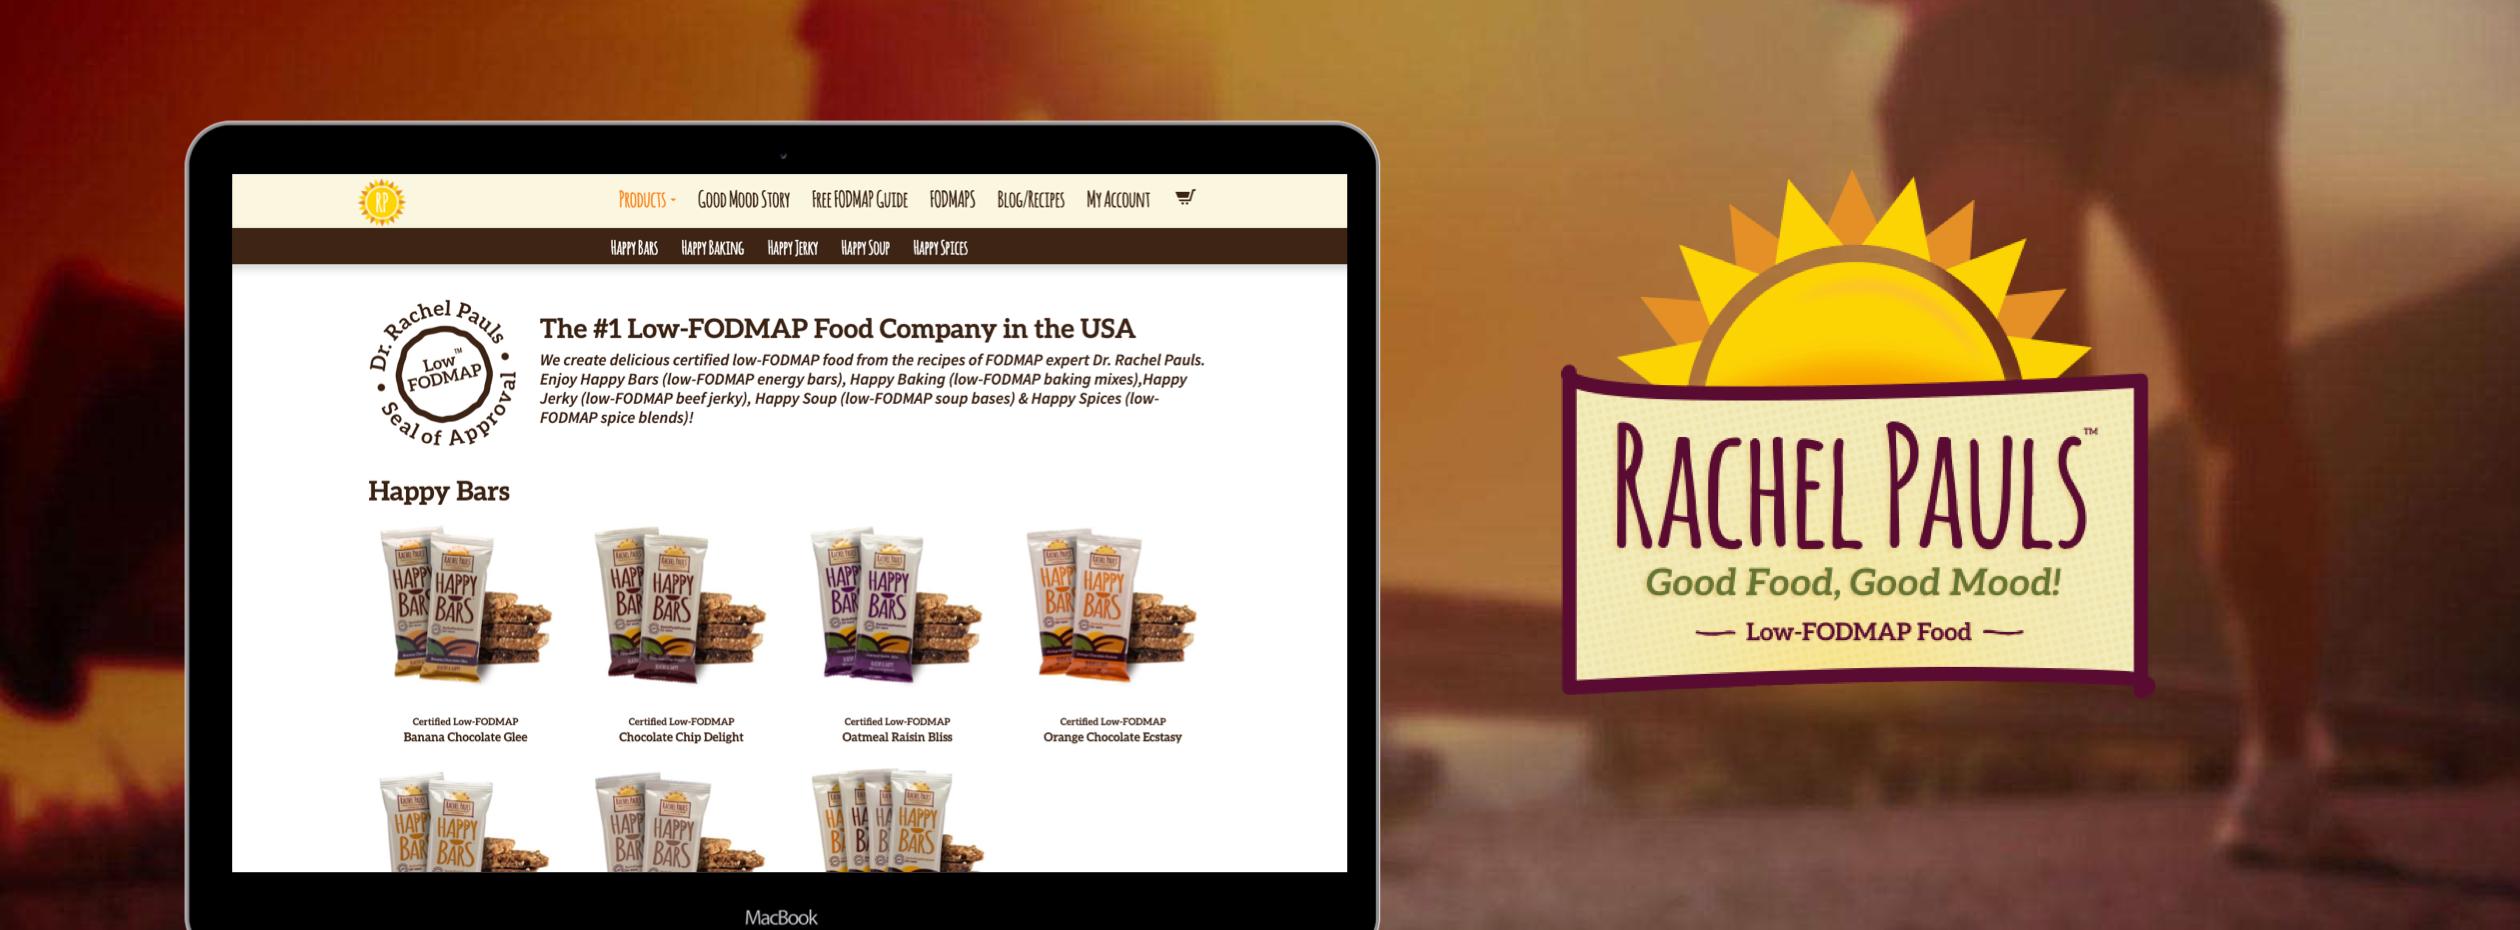 rachelpauls dtc ecommerce website